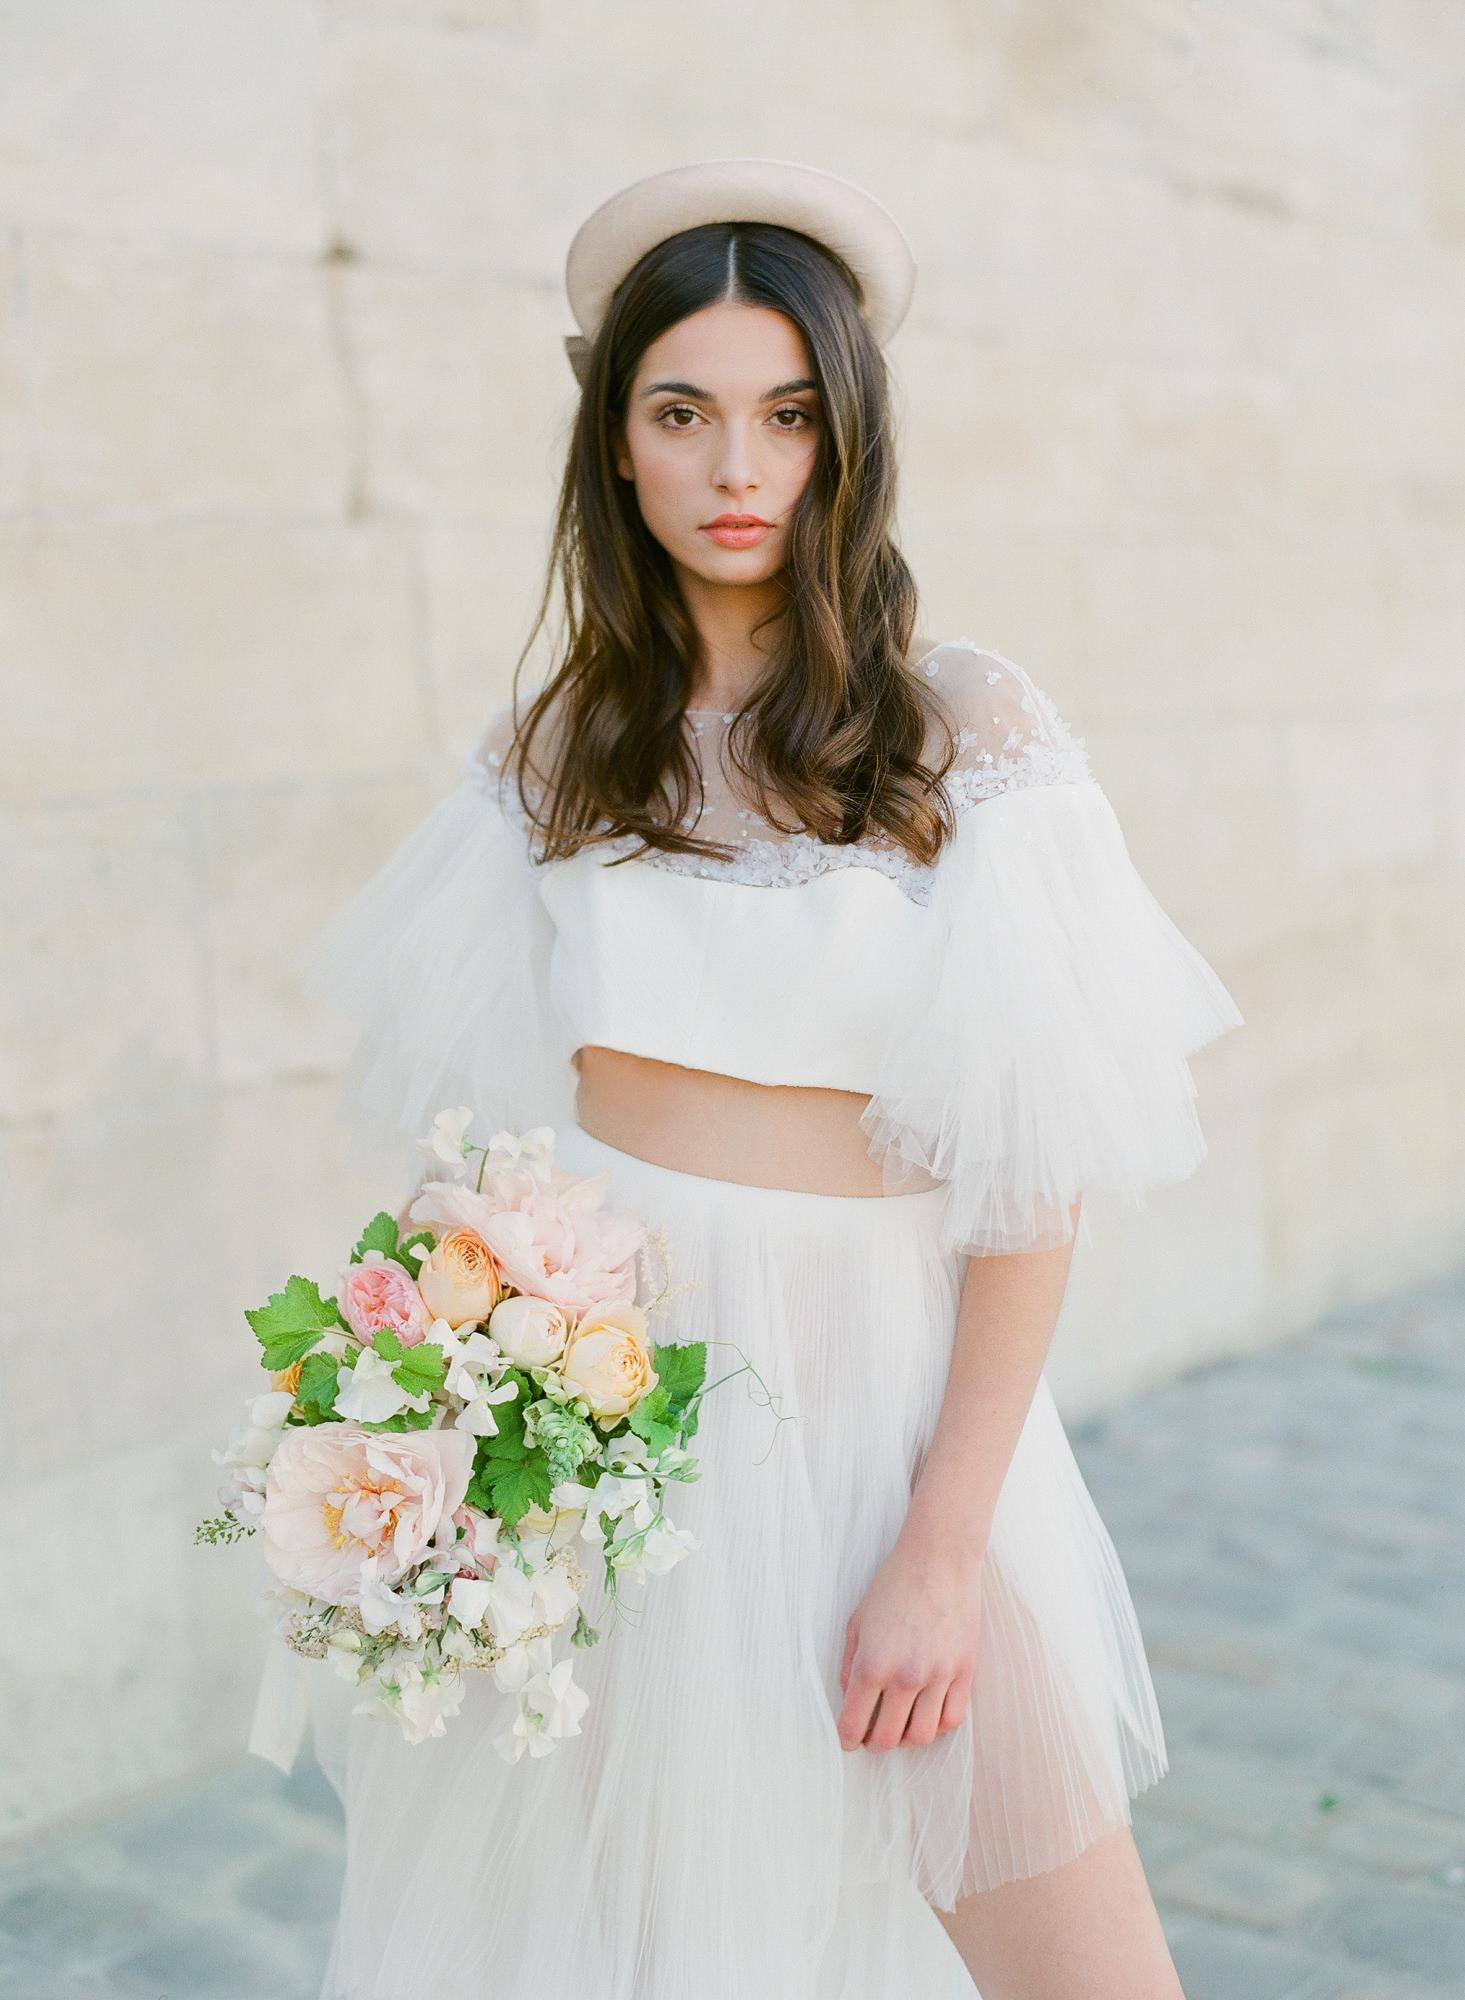 fashion-two-piece-chiffon-dress-high-waist-short-skirt-worlds-best-wedding-photos-greg-finck-france-wedding-photographers